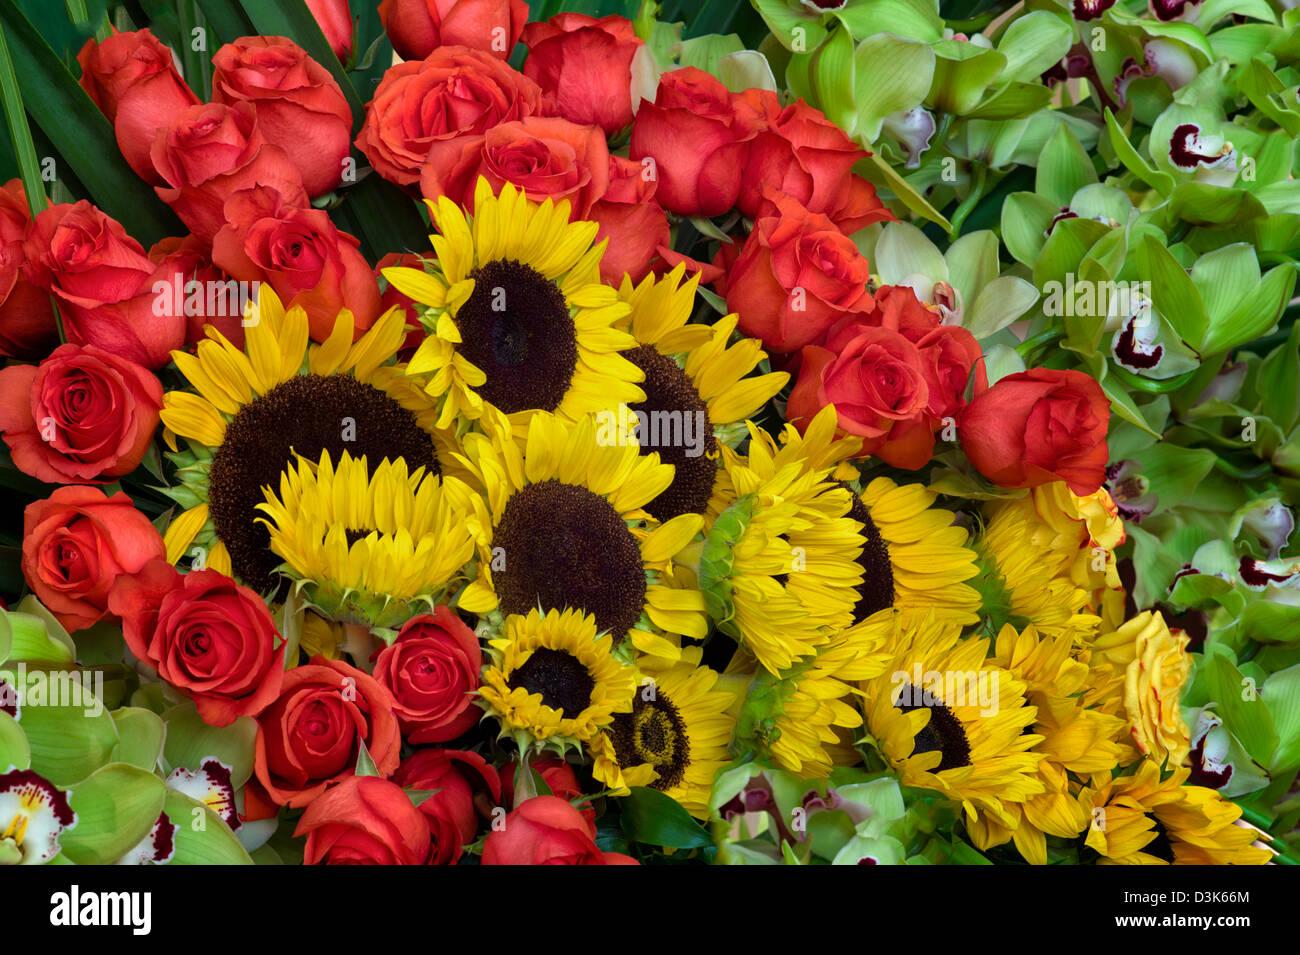 Exhibición Floral De Girasoles Rosas Y Orquídeas Foto